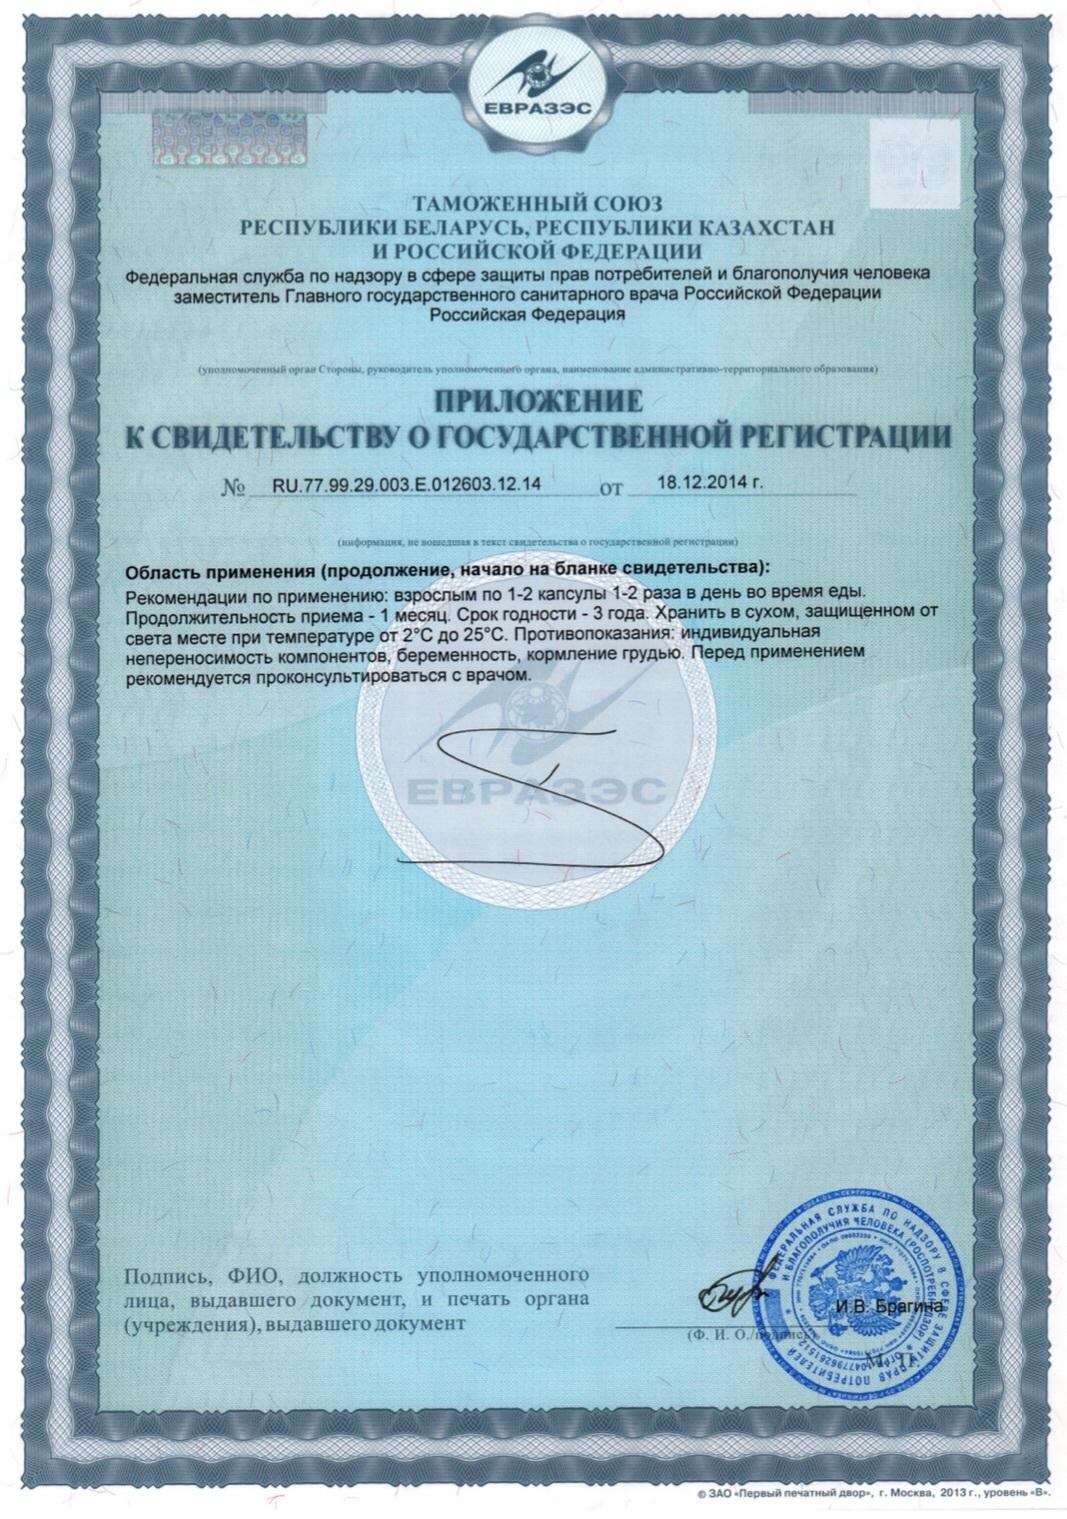 ANEMO 3 Plus® сертификат на пептидный комплекс